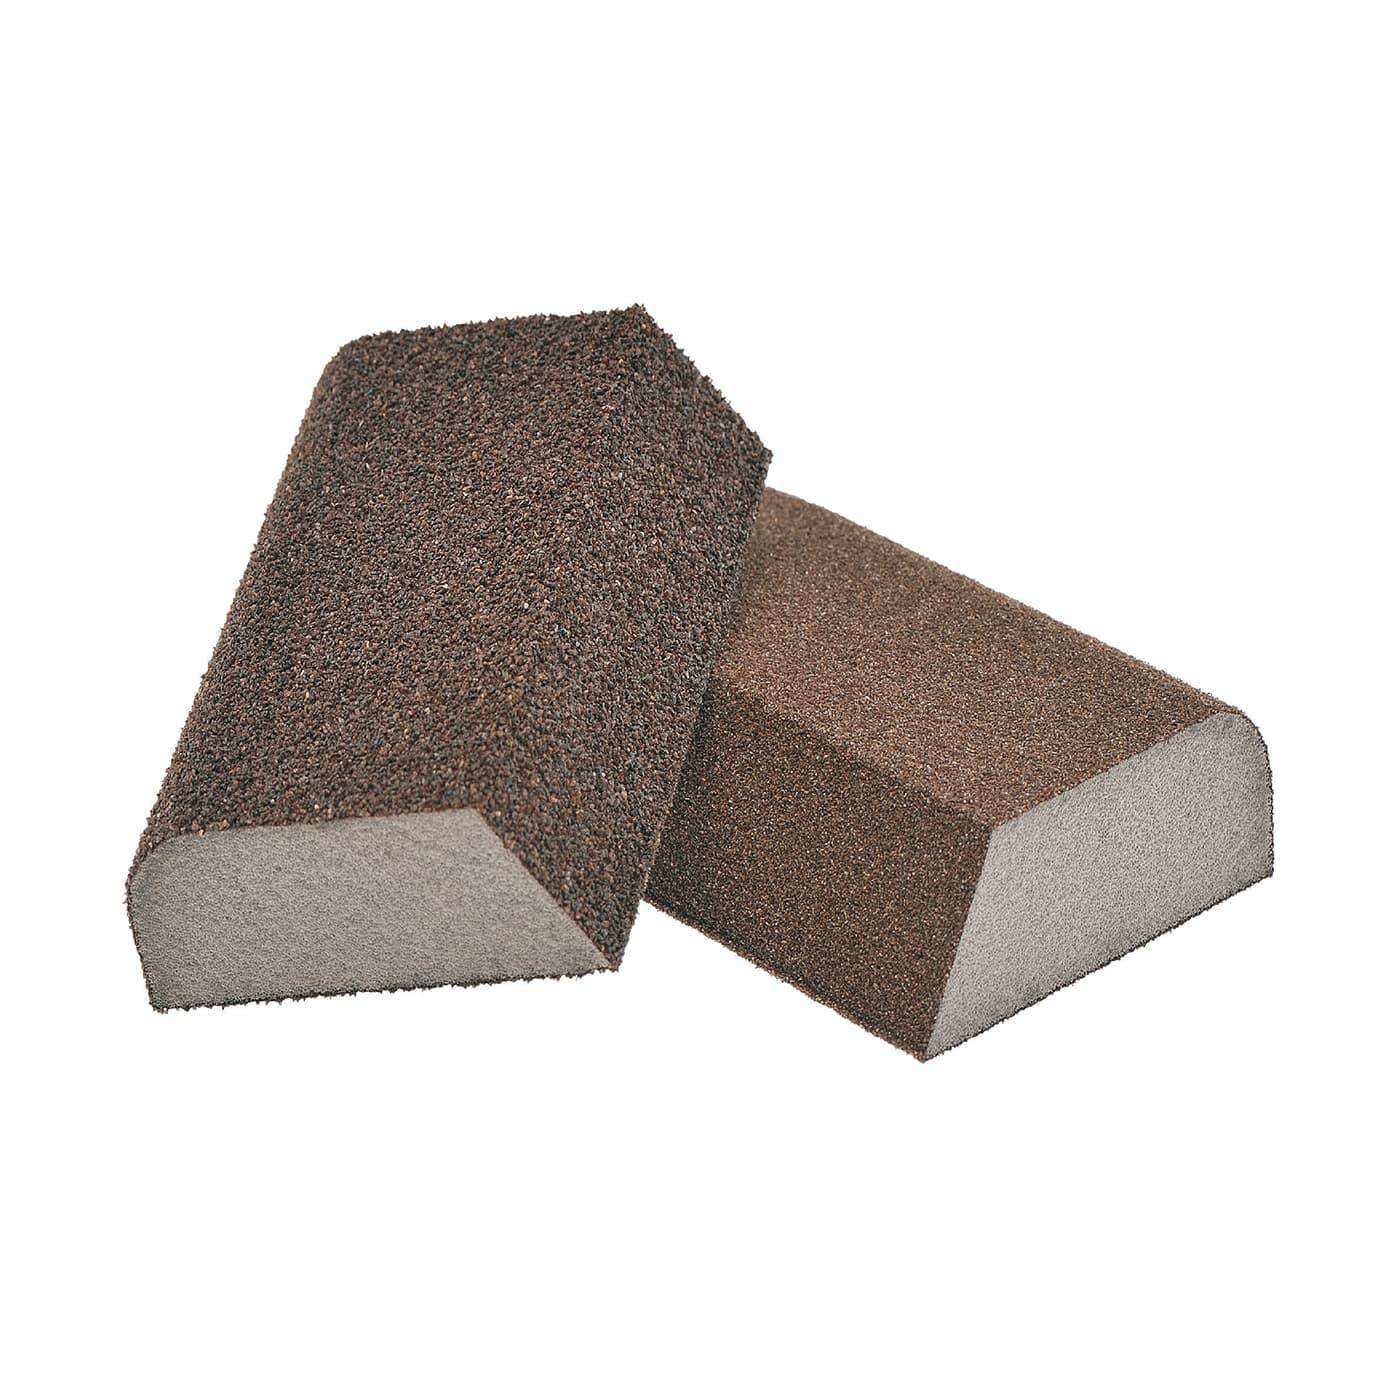 920 Sanding sponges (4×4 combi)